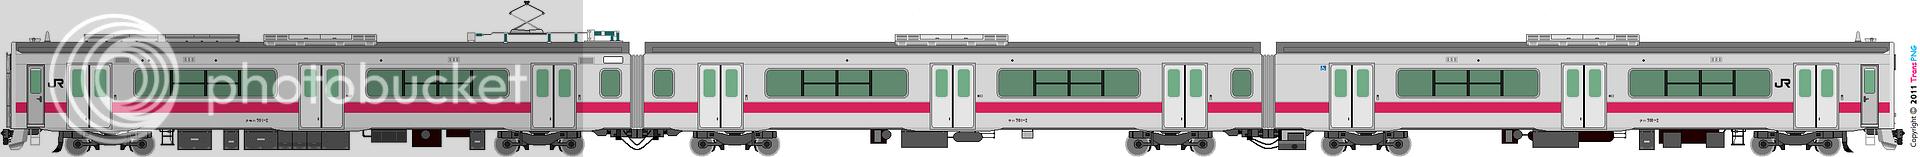 鐵路列車 2269